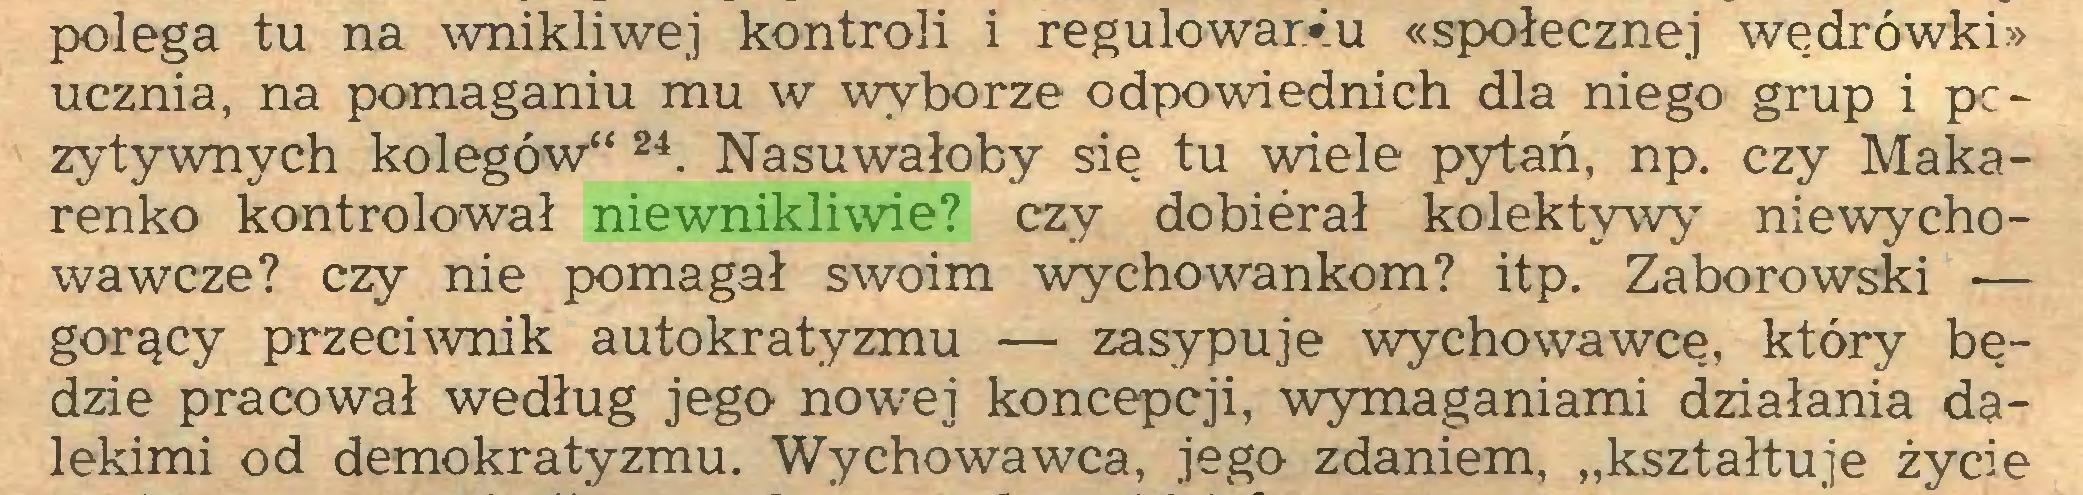 """(...) polega tu na wnikliwej kontroli i regulowarV.u «społecznej wędrówki» ucznia, na pomaganiu mu w wyborze odpowiednich dla niego grup i pc~ zytywnych kolegów"""" 24. Nasuwałoby się tu wiele pytań, np. czy Makarenko kontrolował niewnikliwie? czy dobierał kolektywy niewychowawcze? czy nie pomagał swoim wychowankom? itp. Zaborowski — gorący przeciwnik autokratyzmu — zasypuje wychowawcę, który będzie pracował według jego nowej koncepcji, wymaganiami działania dalekimi od demokratyzmu. Wychowawca, jego zdaniem, """"kształtuje życie..."""